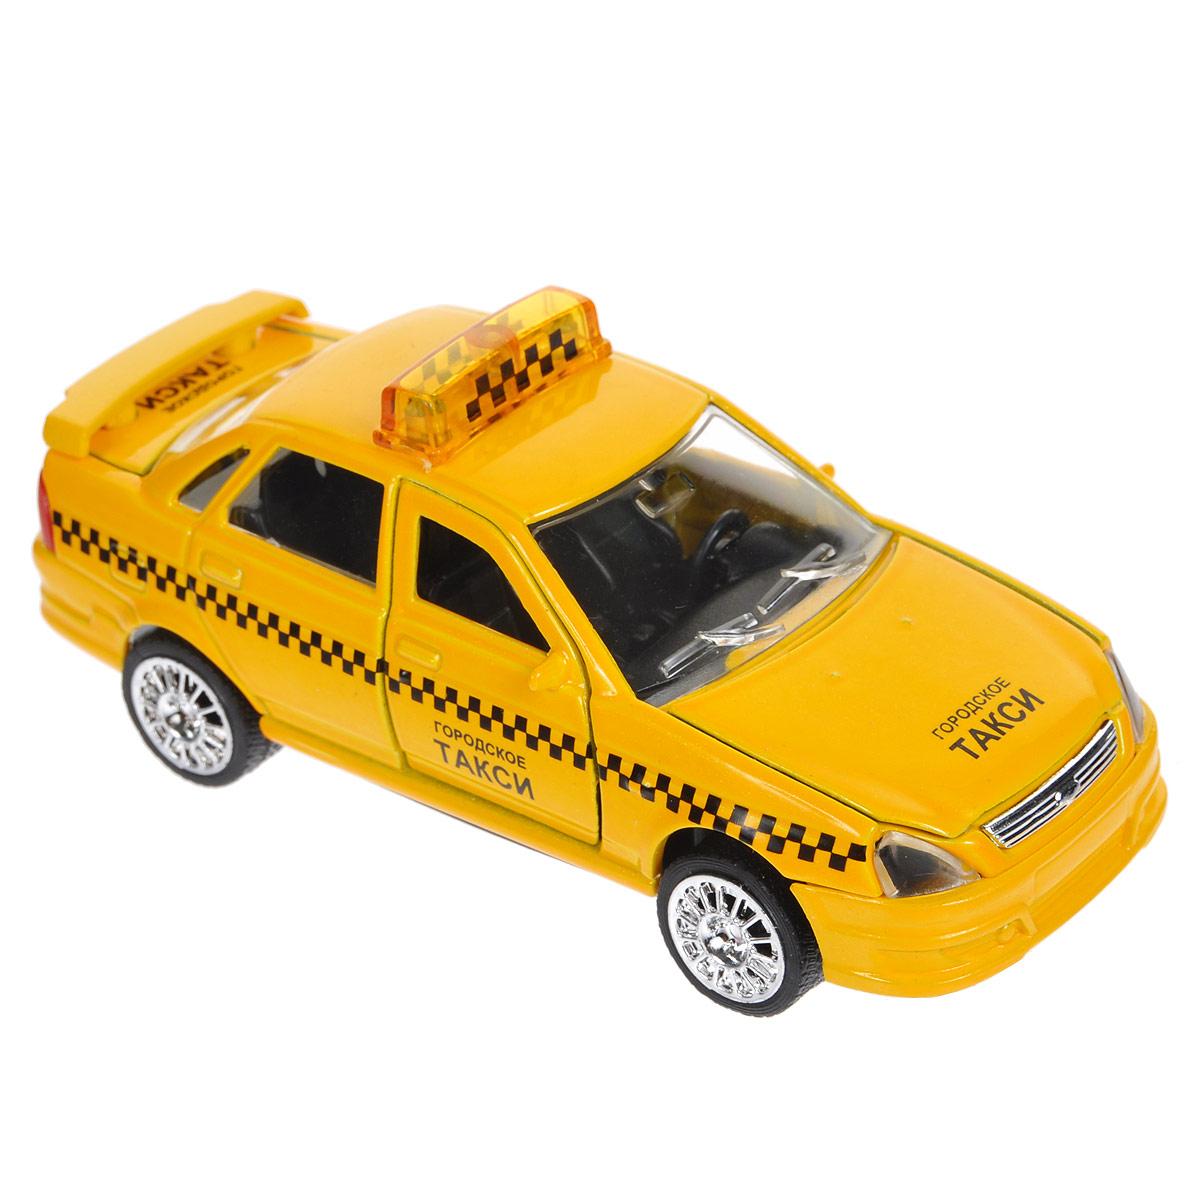 ТехноПарк Машинка инерционная Лада-Приора ТаксиCT12-440-5Машинка ТехноПарк Лада-Приора Такси, выполненная из пластика и металла, станет любимой игрушкой вашего малыша. Игрушка представляет собой машину такси, оснащенную открывающимися дверьми и капотом. При нажатии на переднюю часть игрушки шашки на крыше начинают светиться под звуки, характерные ситуации. Игрушка оснащена инерционным ходом. Машинку необходимо отвести назад, слегка надавив на крышу, затем отпустить - и такси быстро поедет вперед. Прорезиненные колеса обеспечивают надежное сцепление с любой поверхностью пола. Ваш ребенок будет часами играть с этой машинкой, придумывая различные истории. Порадуйте его таким замечательным подарком! Машинка работает от батареек (товар комплектуется демонстрационными).